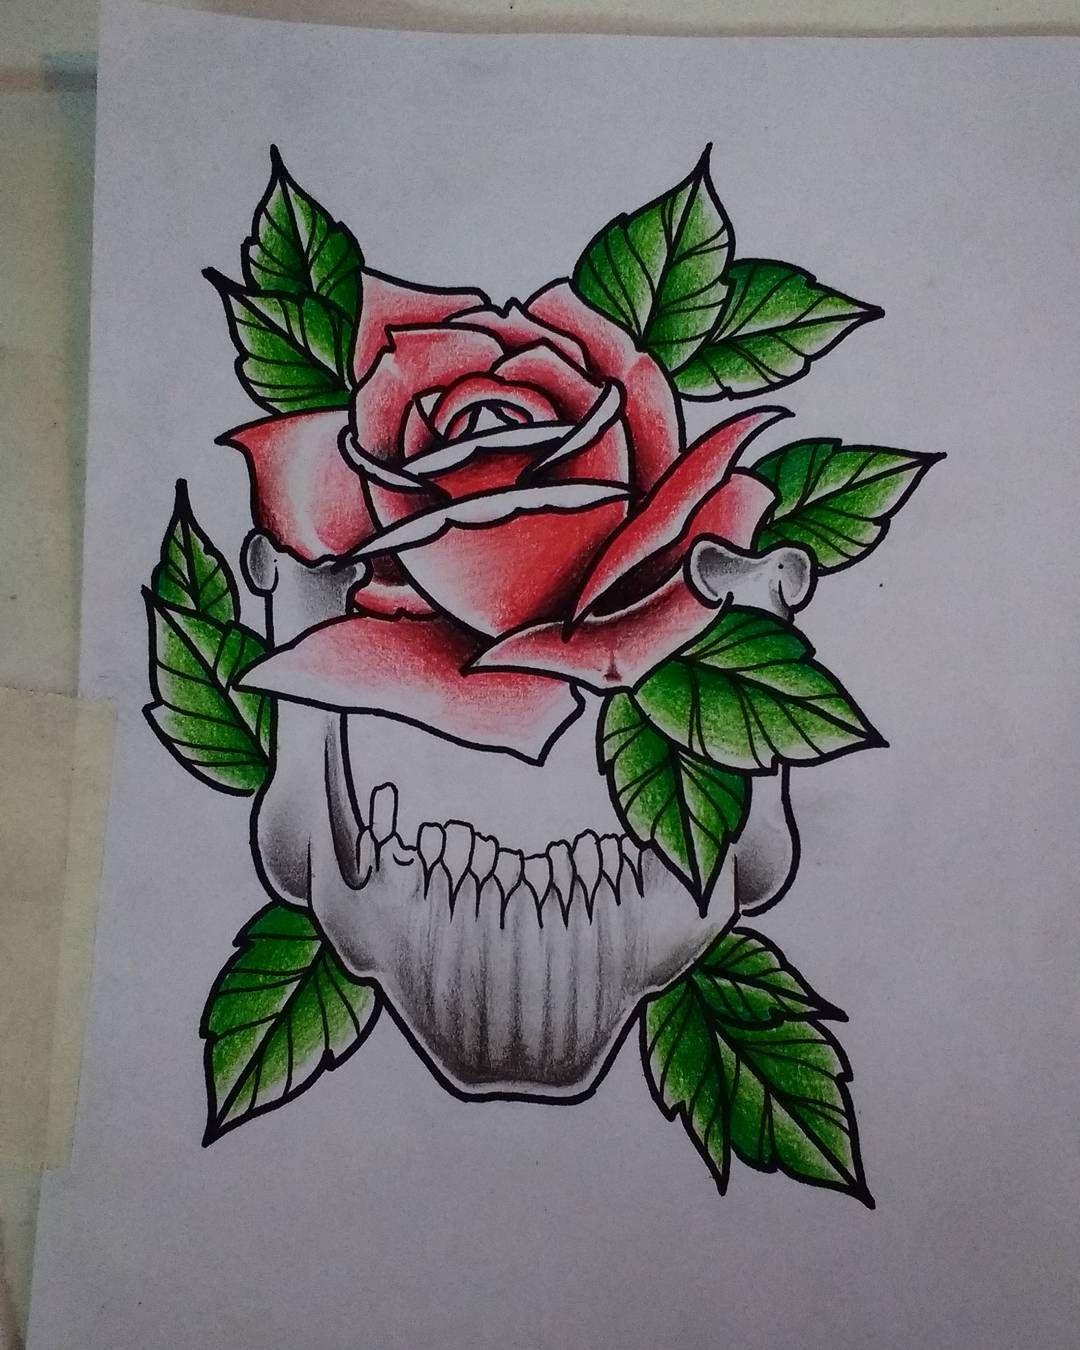 5 Signs You Made A Great Impact On Tattoo  #tattoolife #tattoogirl #tattoodesign #tattooist